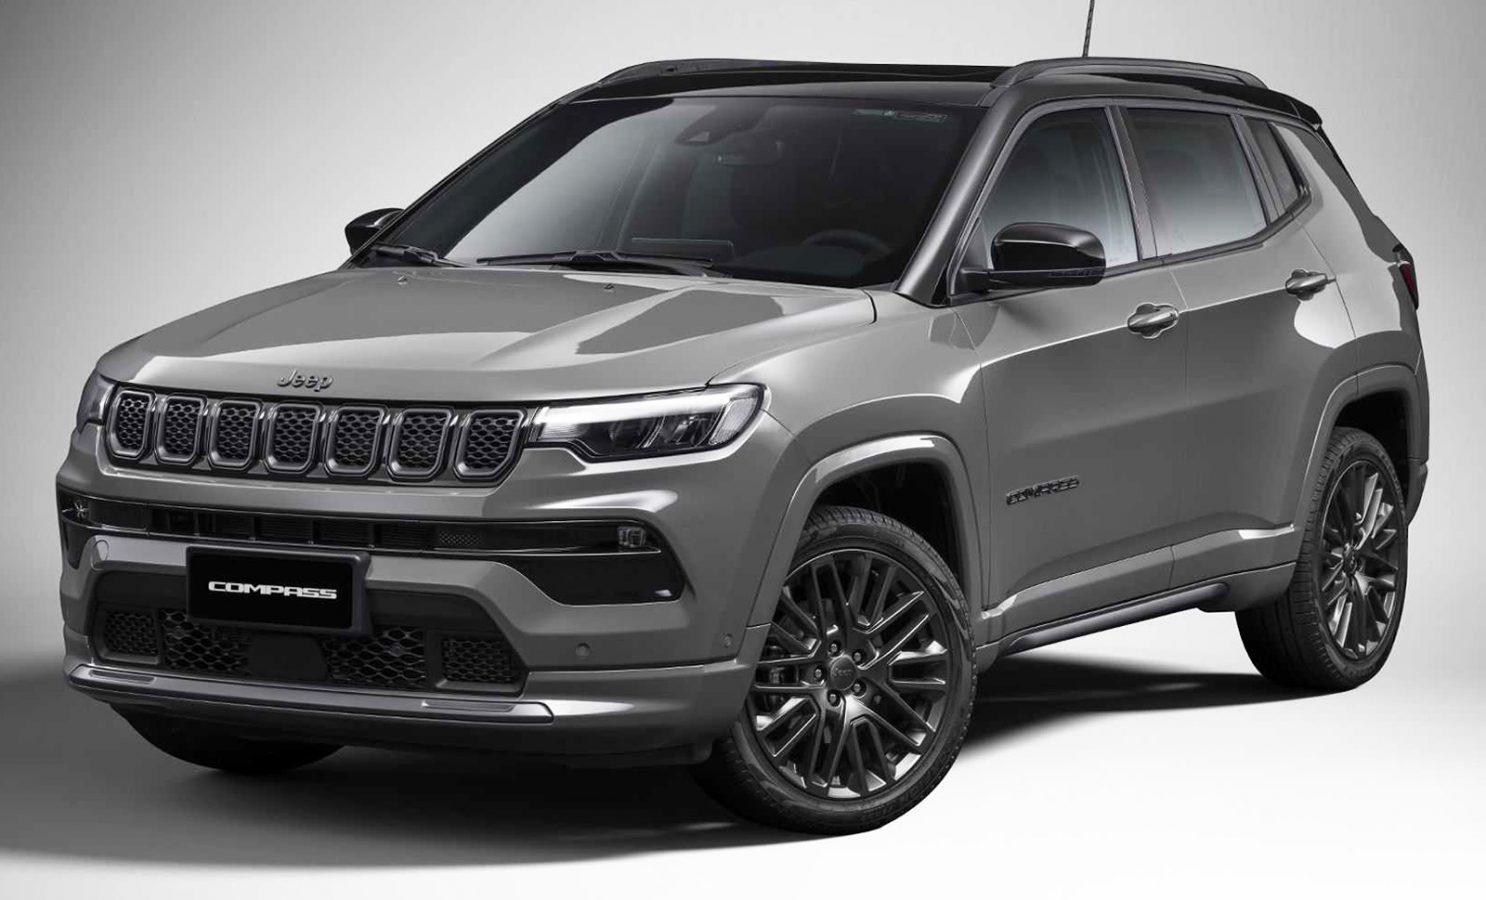 Compass 2022: ¿Cómo es el rediseño del exitoso SUV compacto de Jeep?